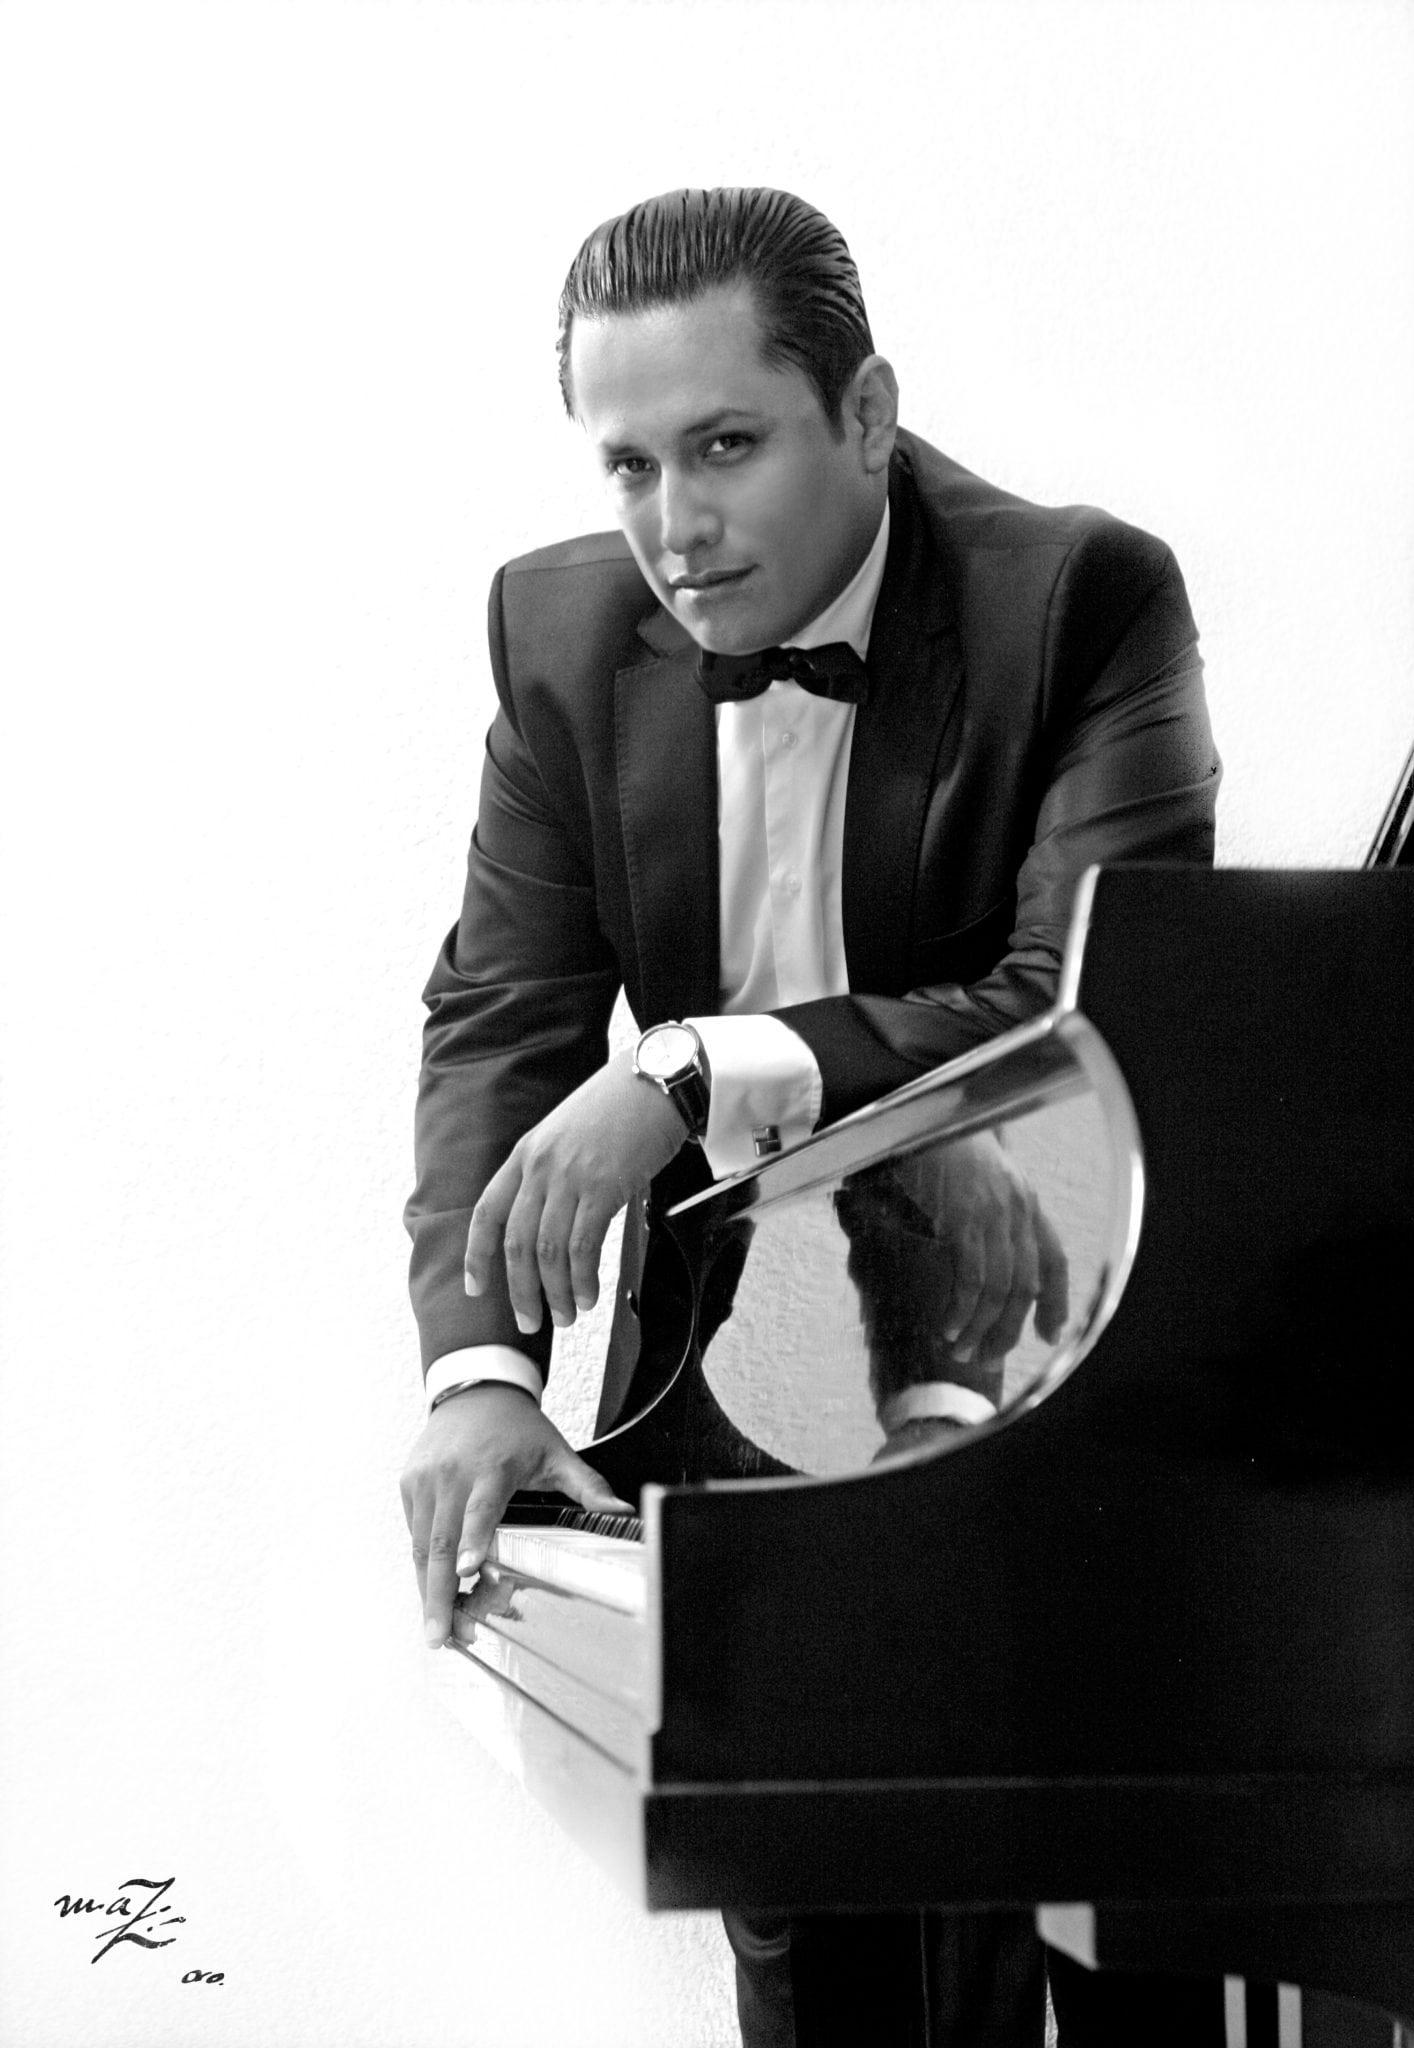 Miguel Ángel Zúñiga